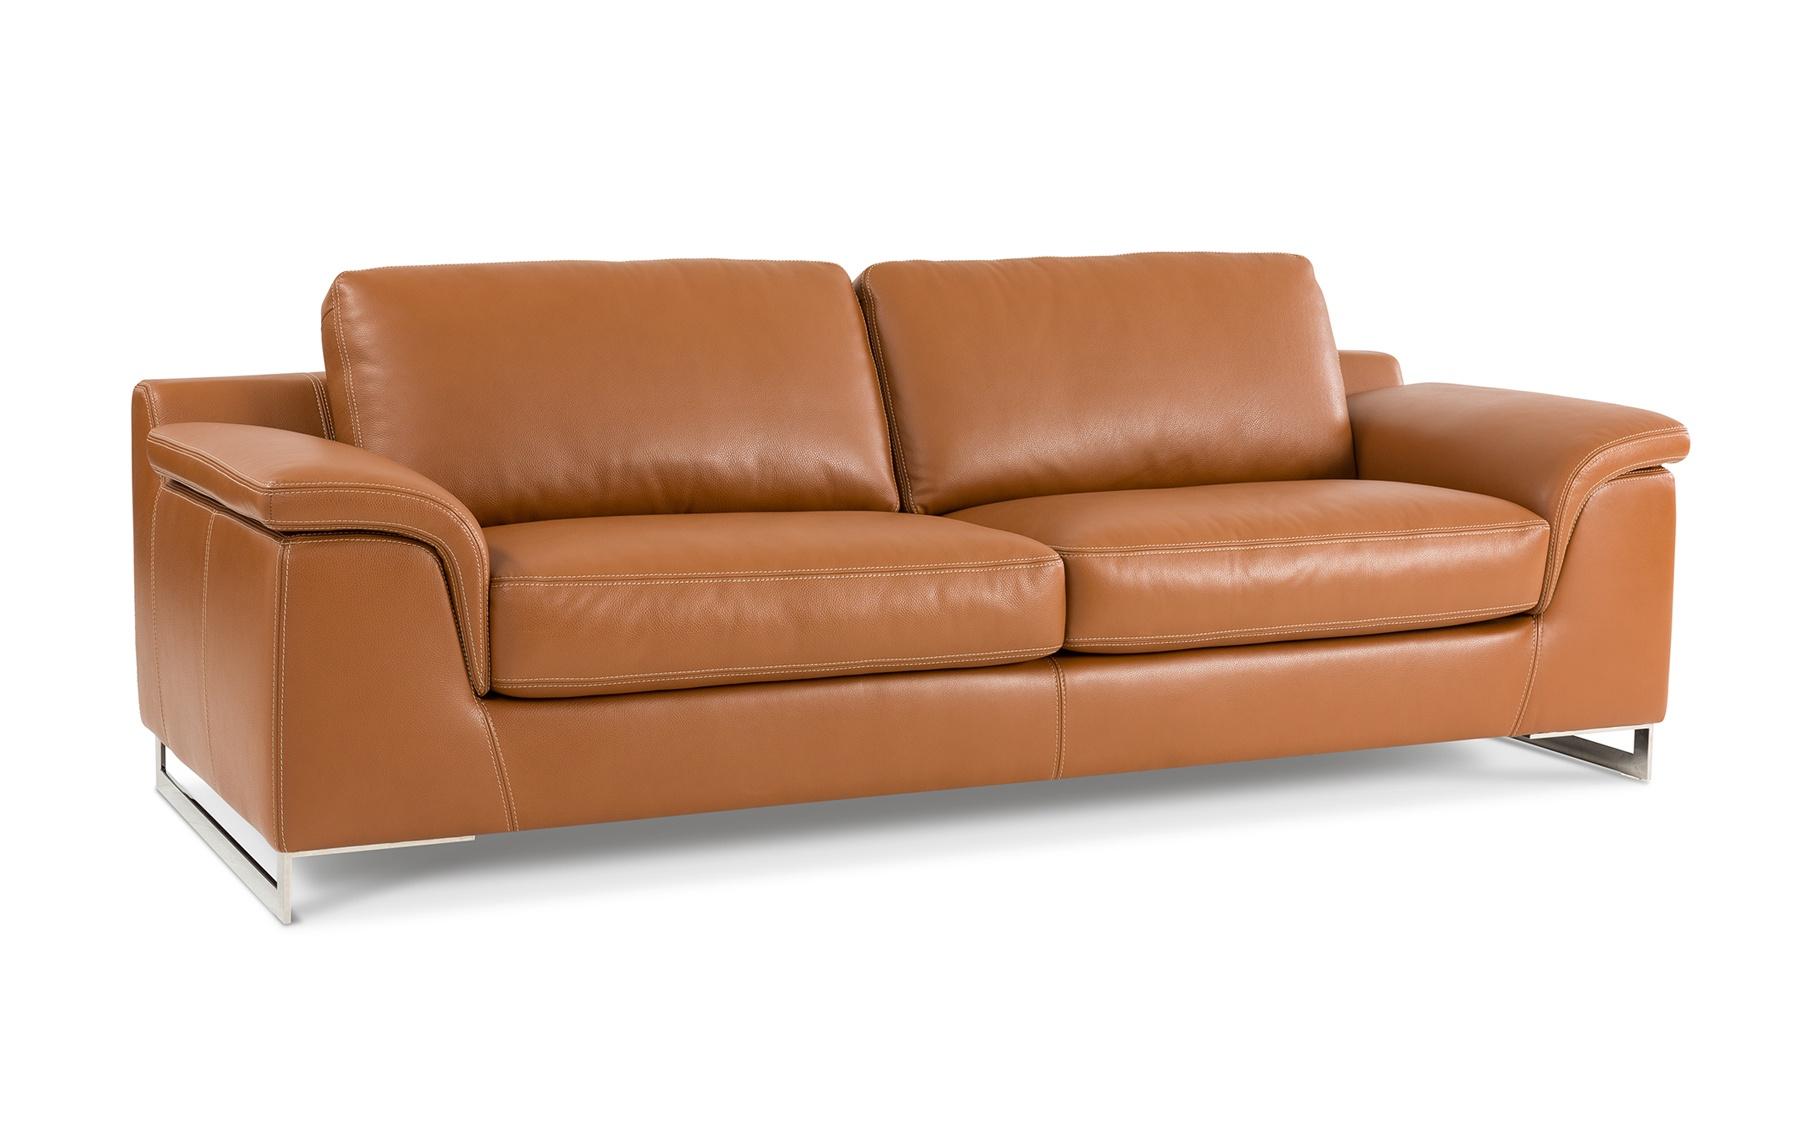 Canap cuir c917 canap s salons la galerie du meuble for Galerie du meuble